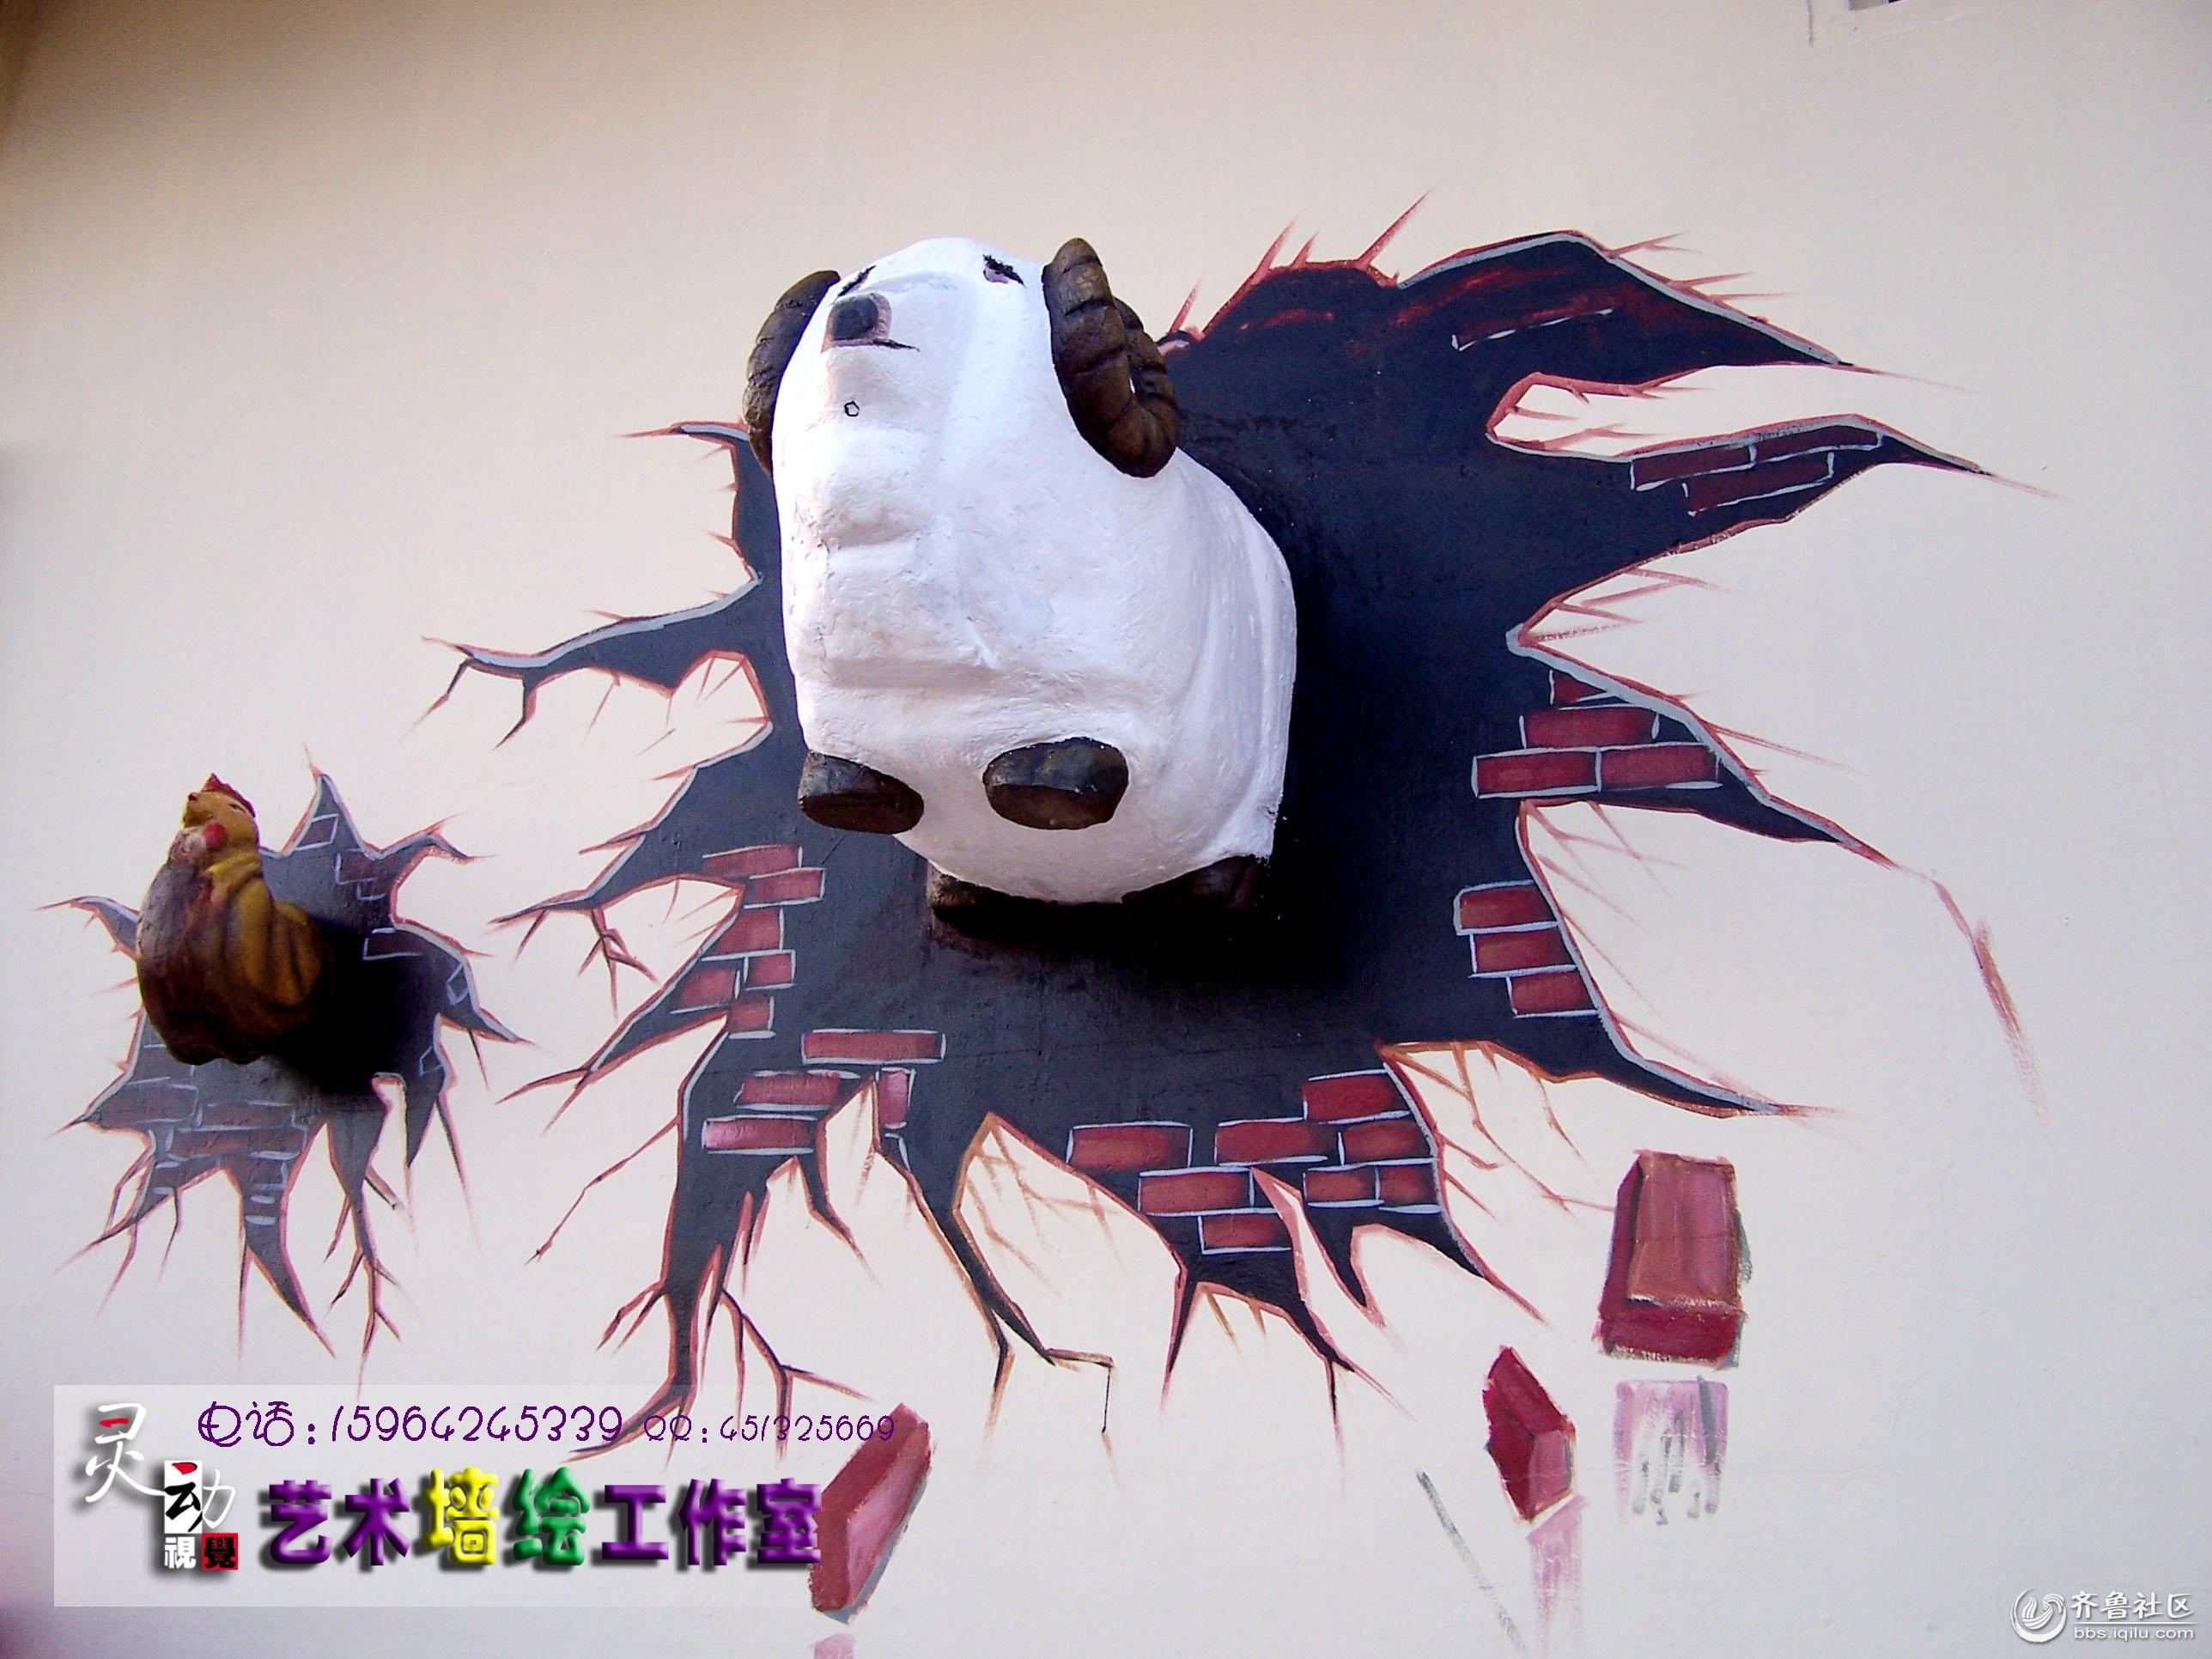 创意3d墙绘图案素材 3d立体墙绘素材 3d墙绘森林